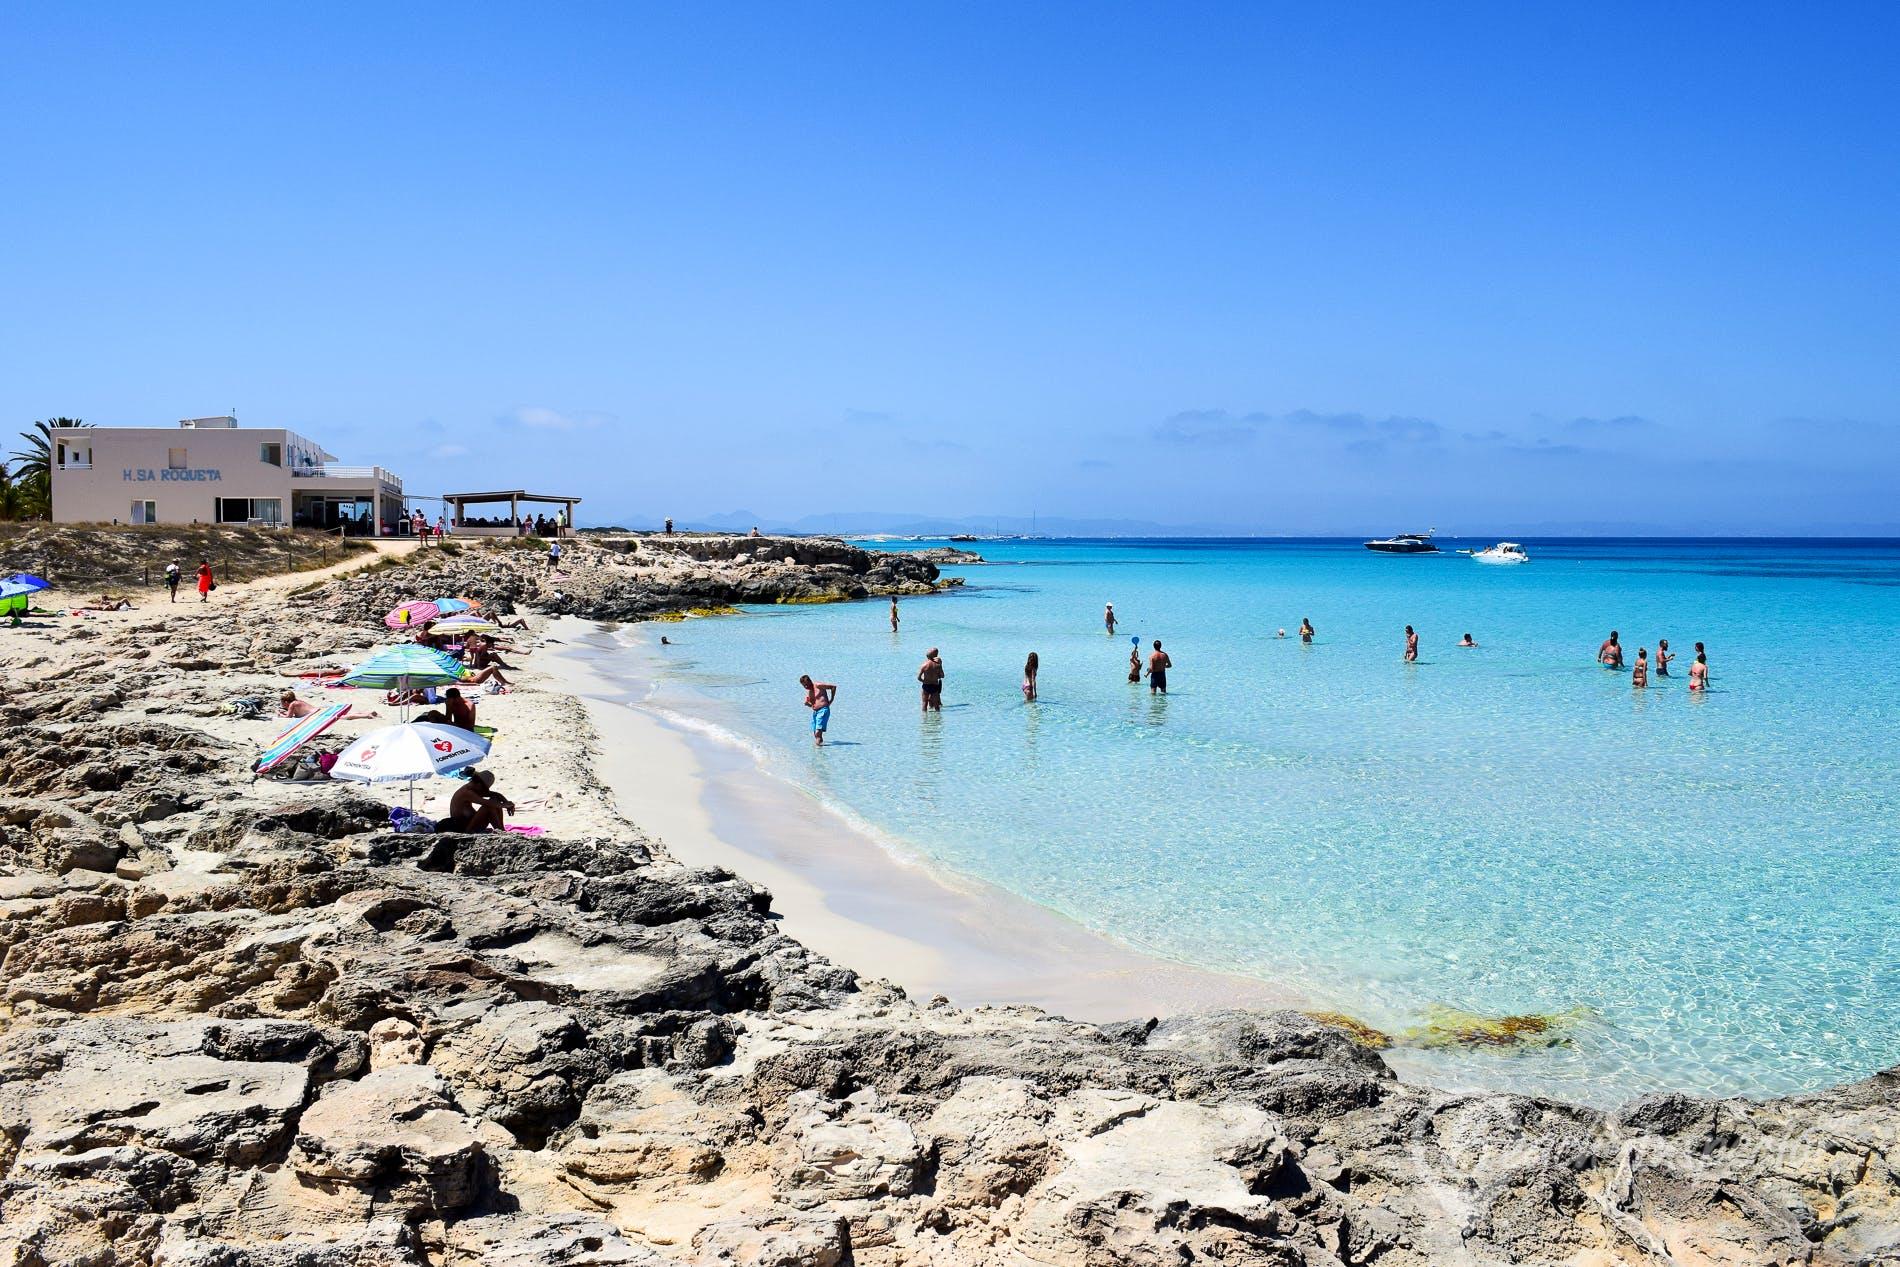 Beach Playa sa Roqueta, Formentera, Spain